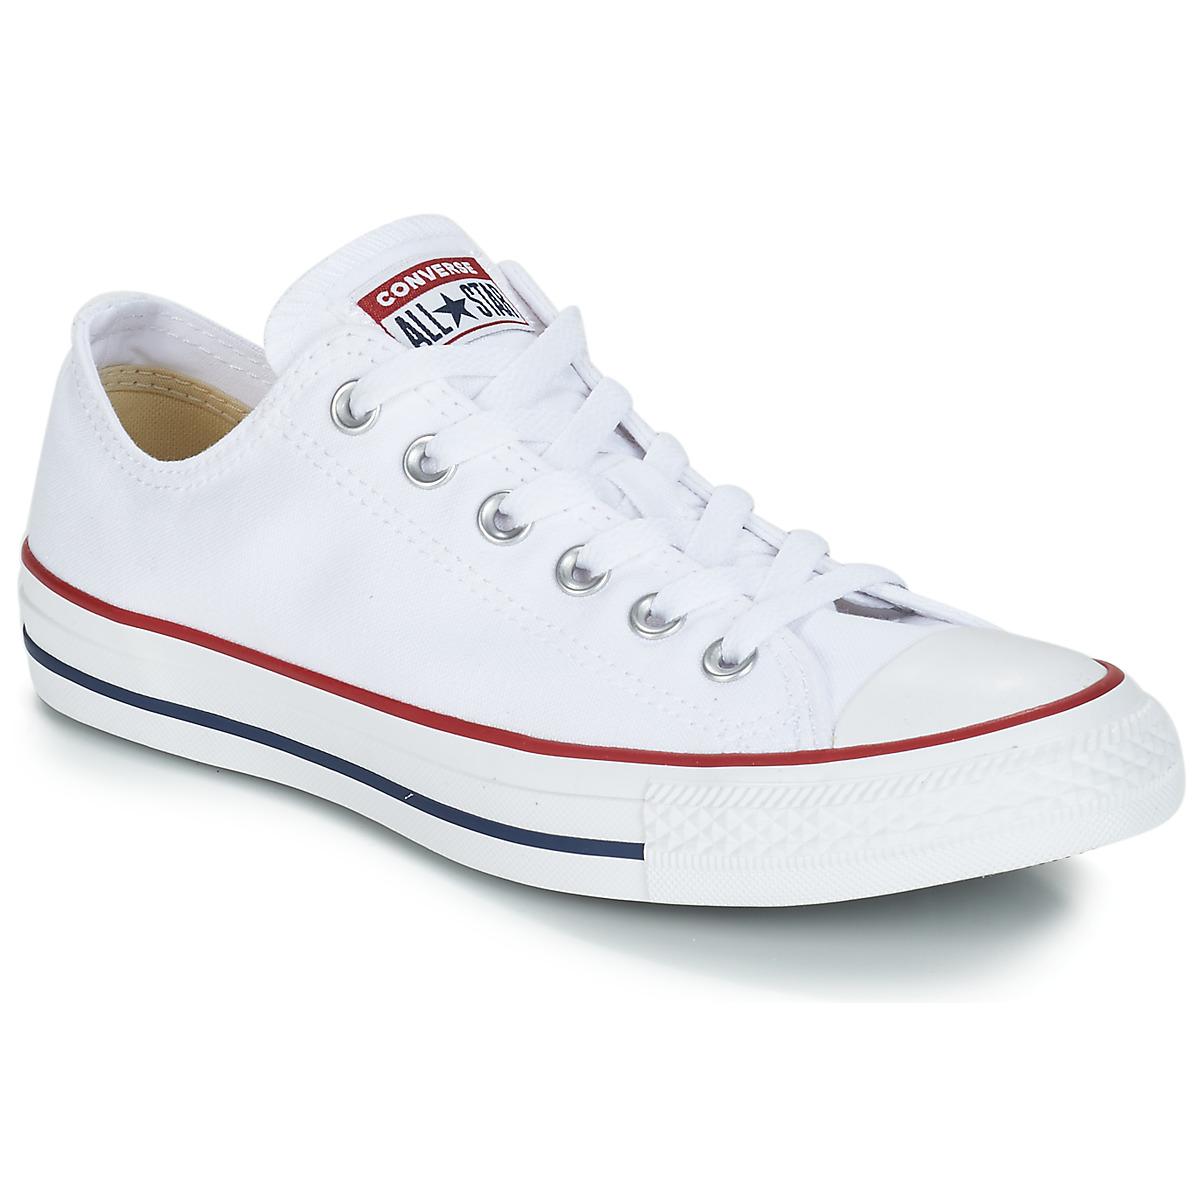 Converse CHUCK TAYLOR ALL STAR CORE OX Weiss - Kostenloser Versand bei Spartoode ! - Schuhe Sneaker Low  51,99 €